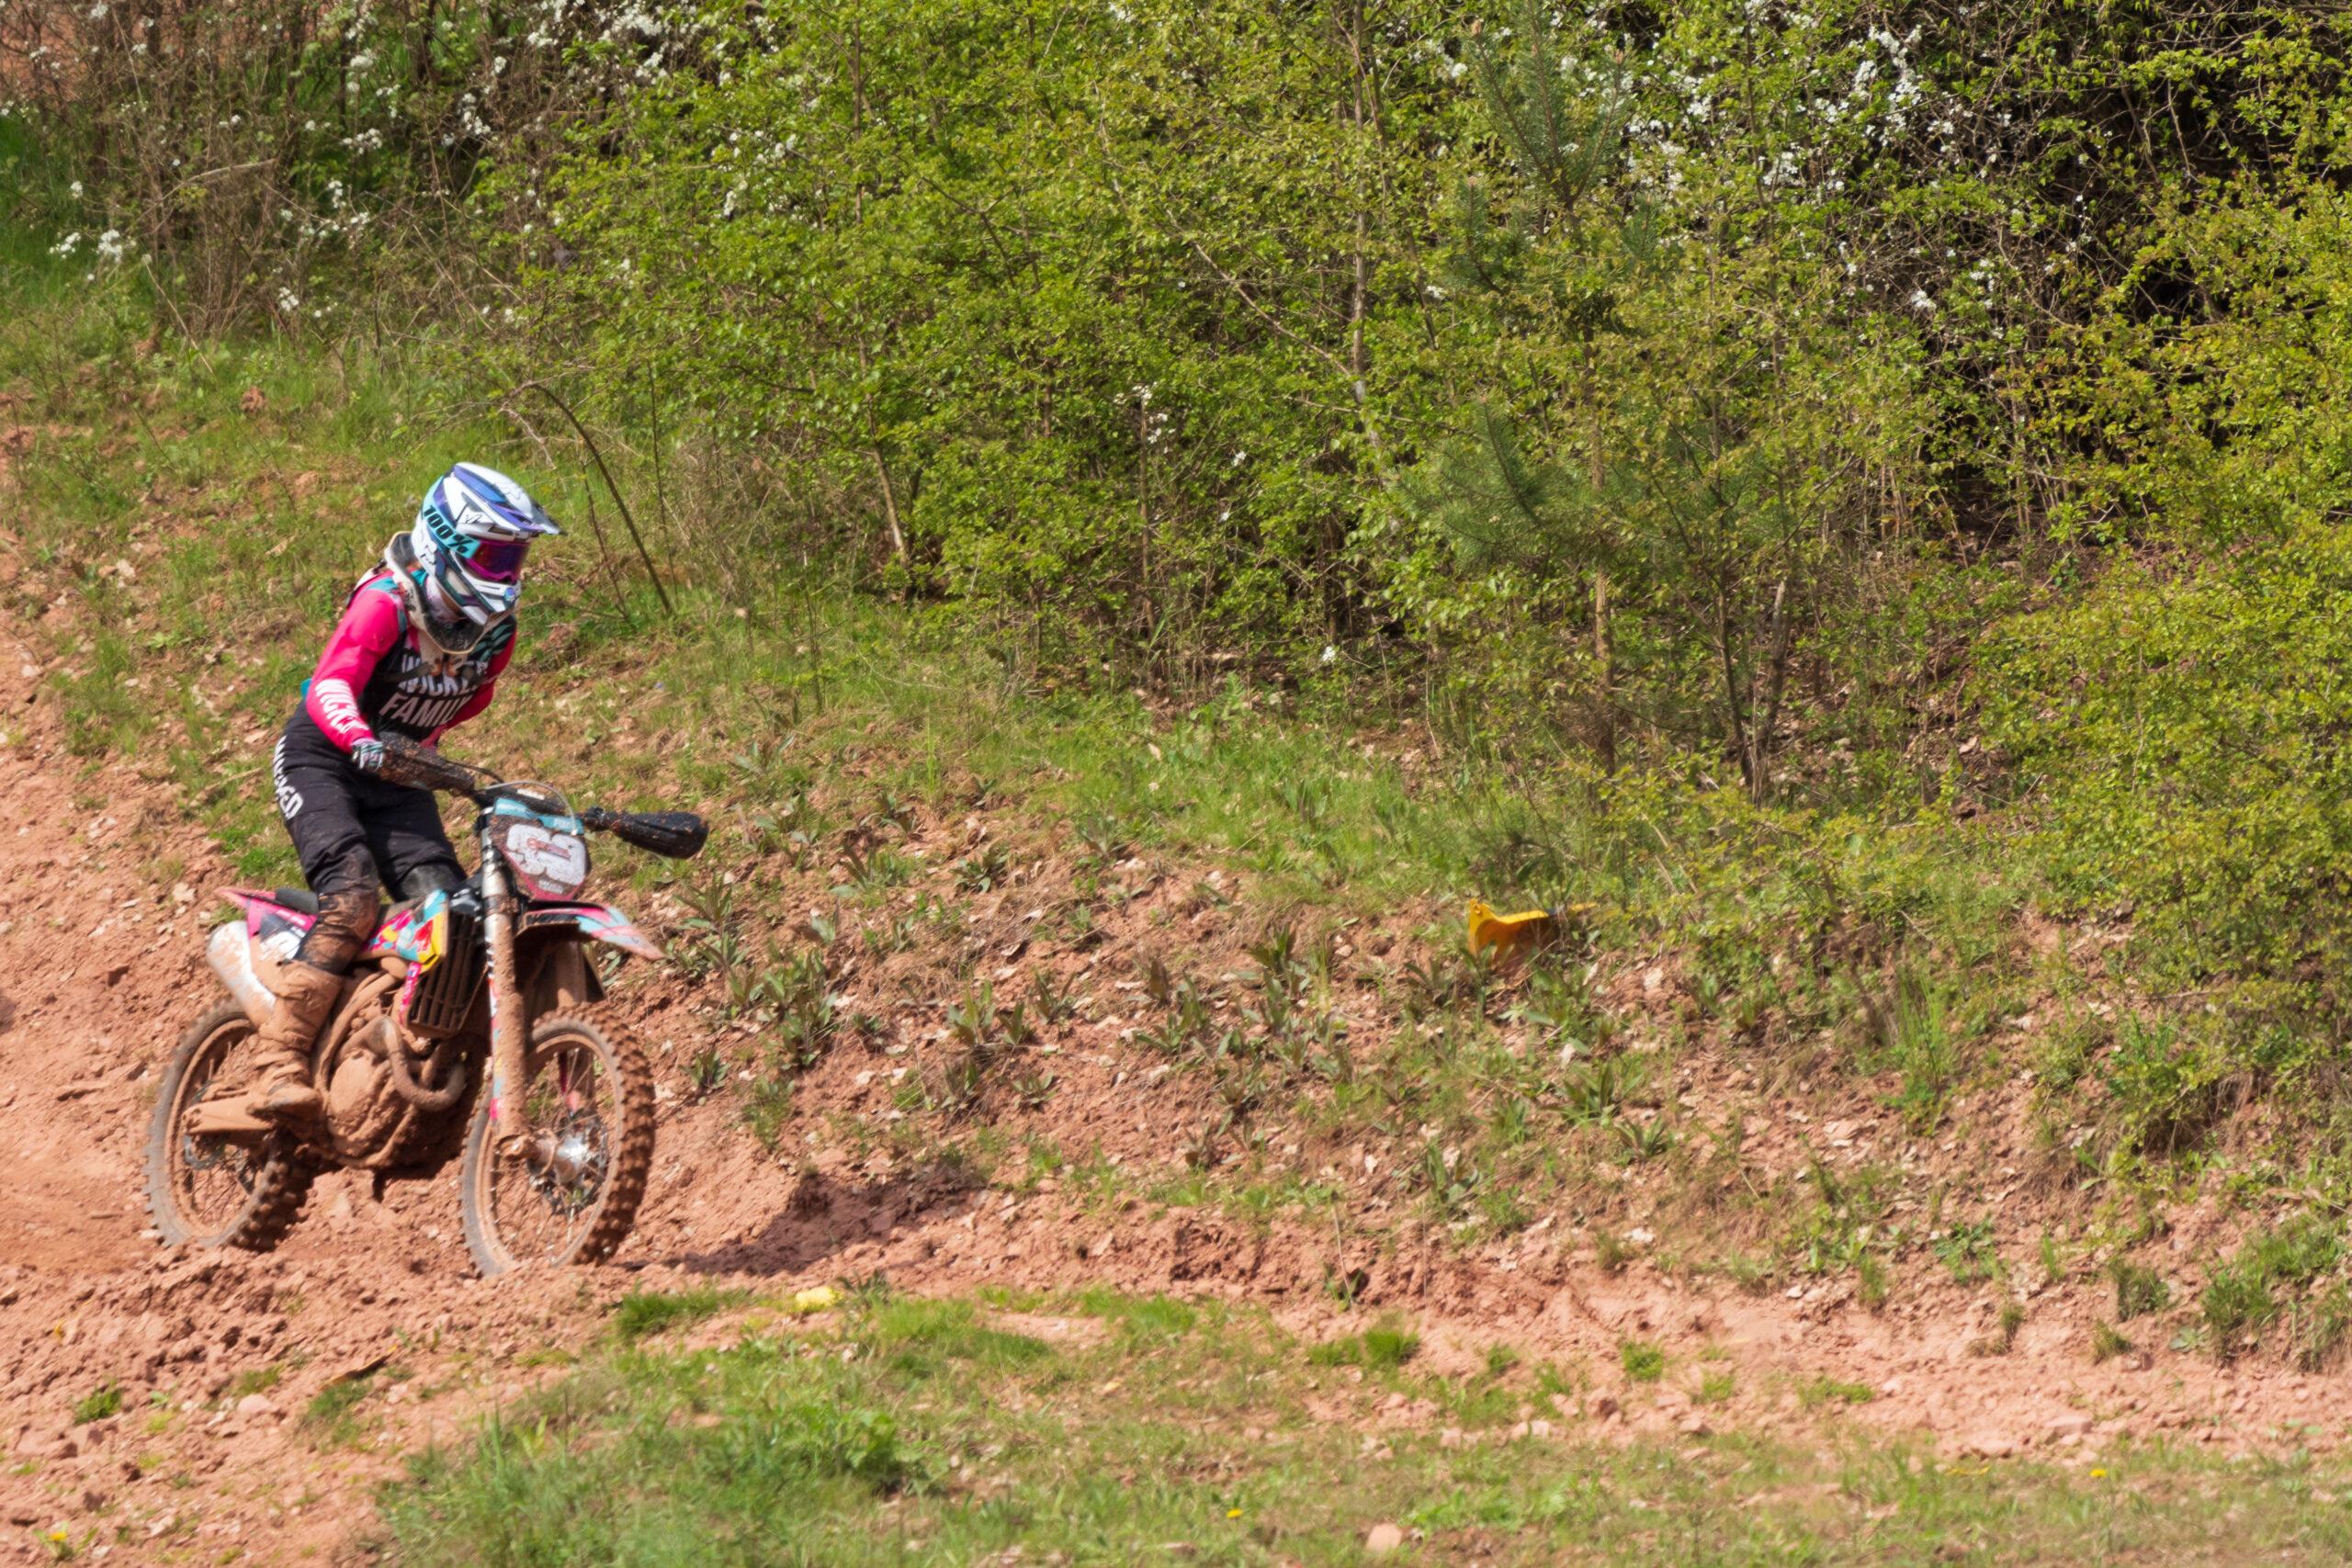 Mai 2021 Motocross an der Autobahn Richelsdorfer Tal